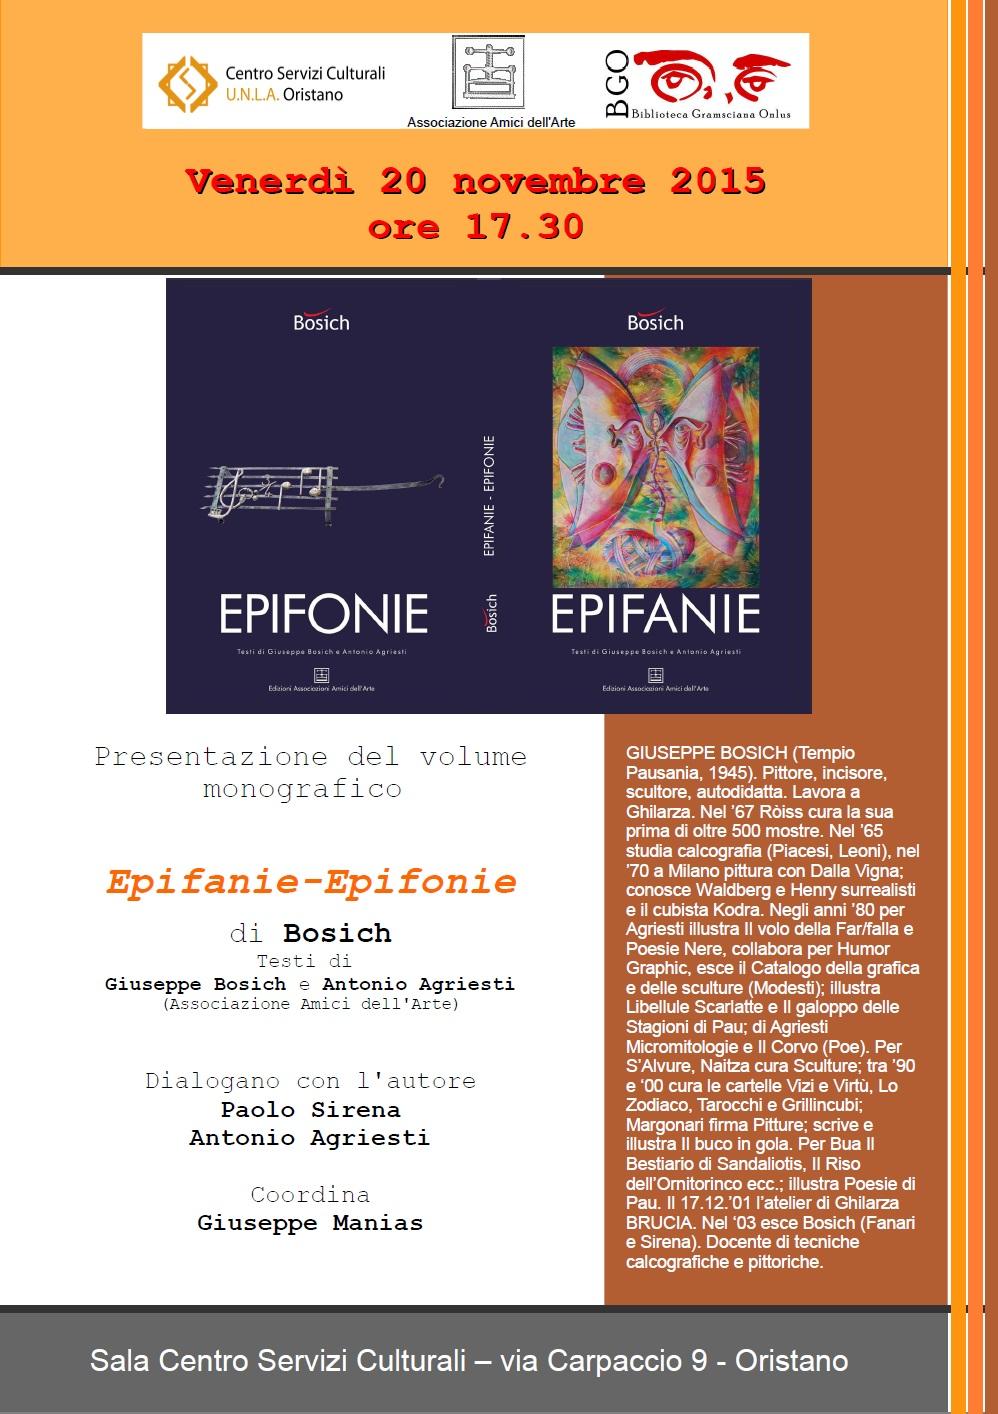 Epifanie-Epifonie